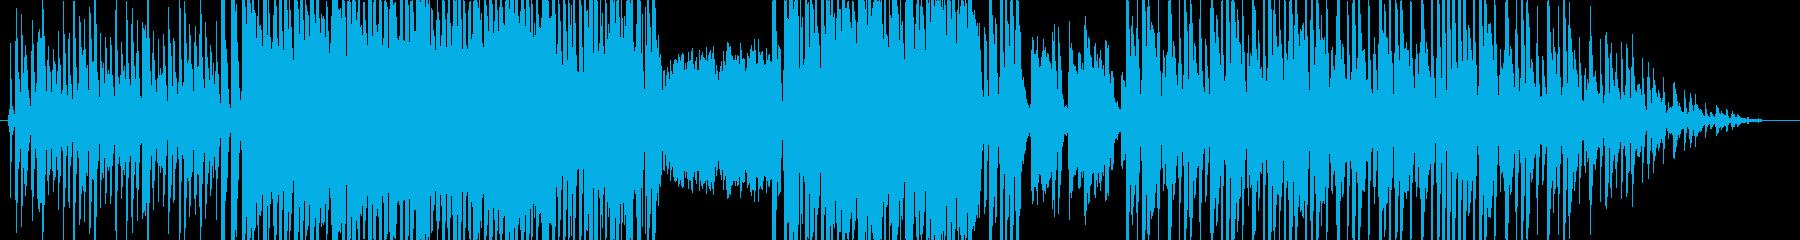 ピアノ、ベースが軽快に動くアップテンポ曲の再生済みの波形